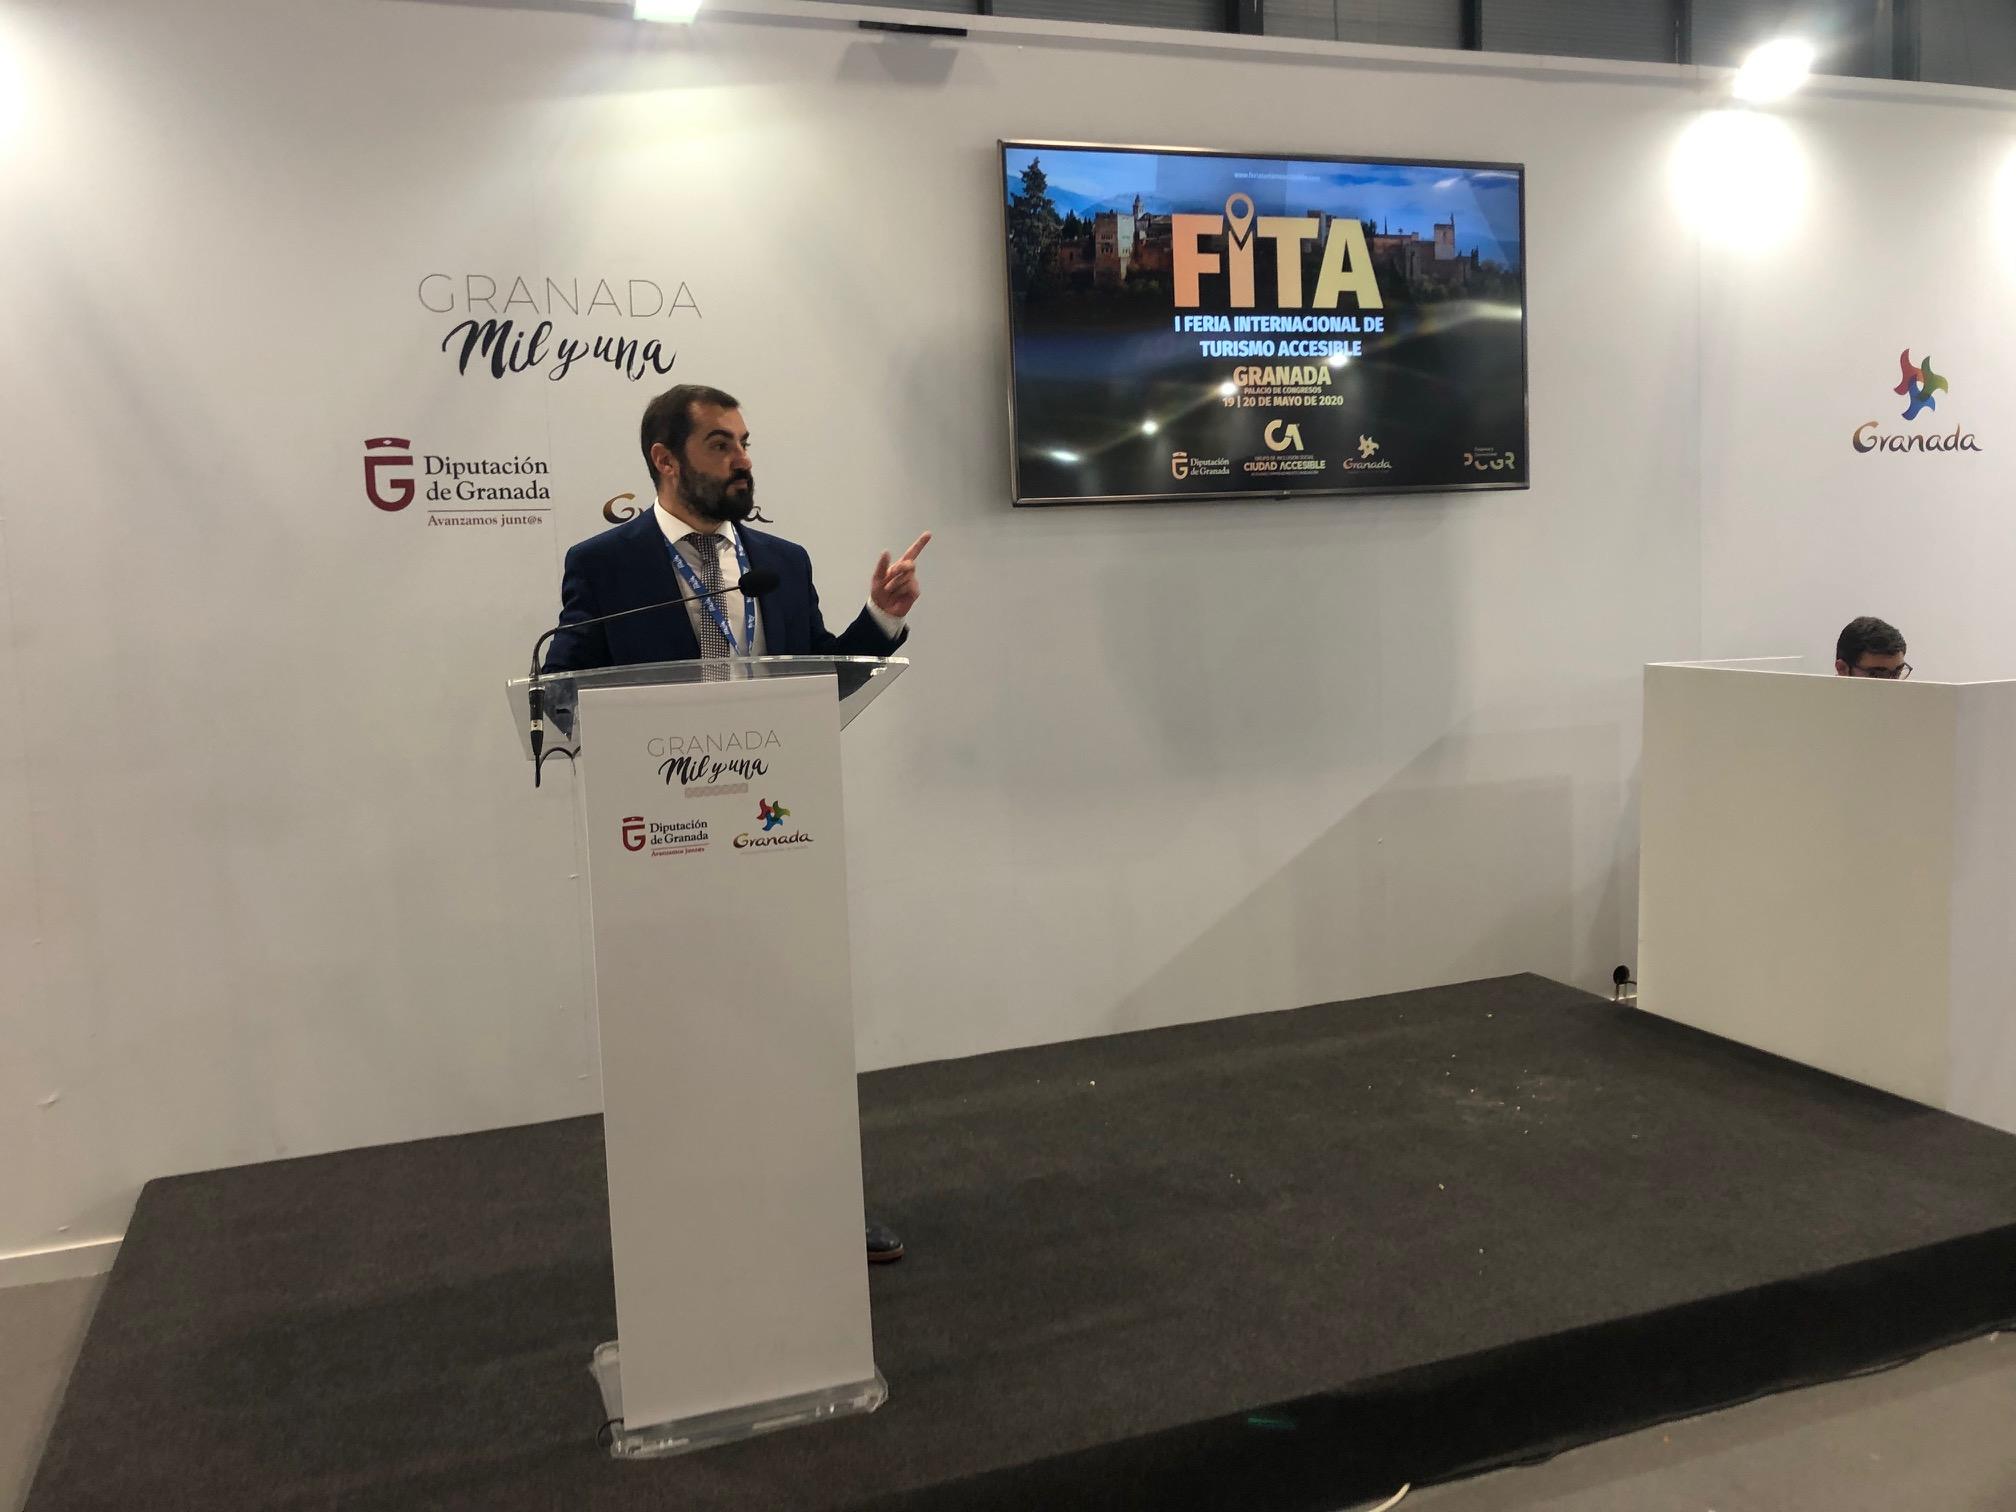 La primer edición de la 'Feria Internacional de Turismo Accesible' se desarrollará en Granada